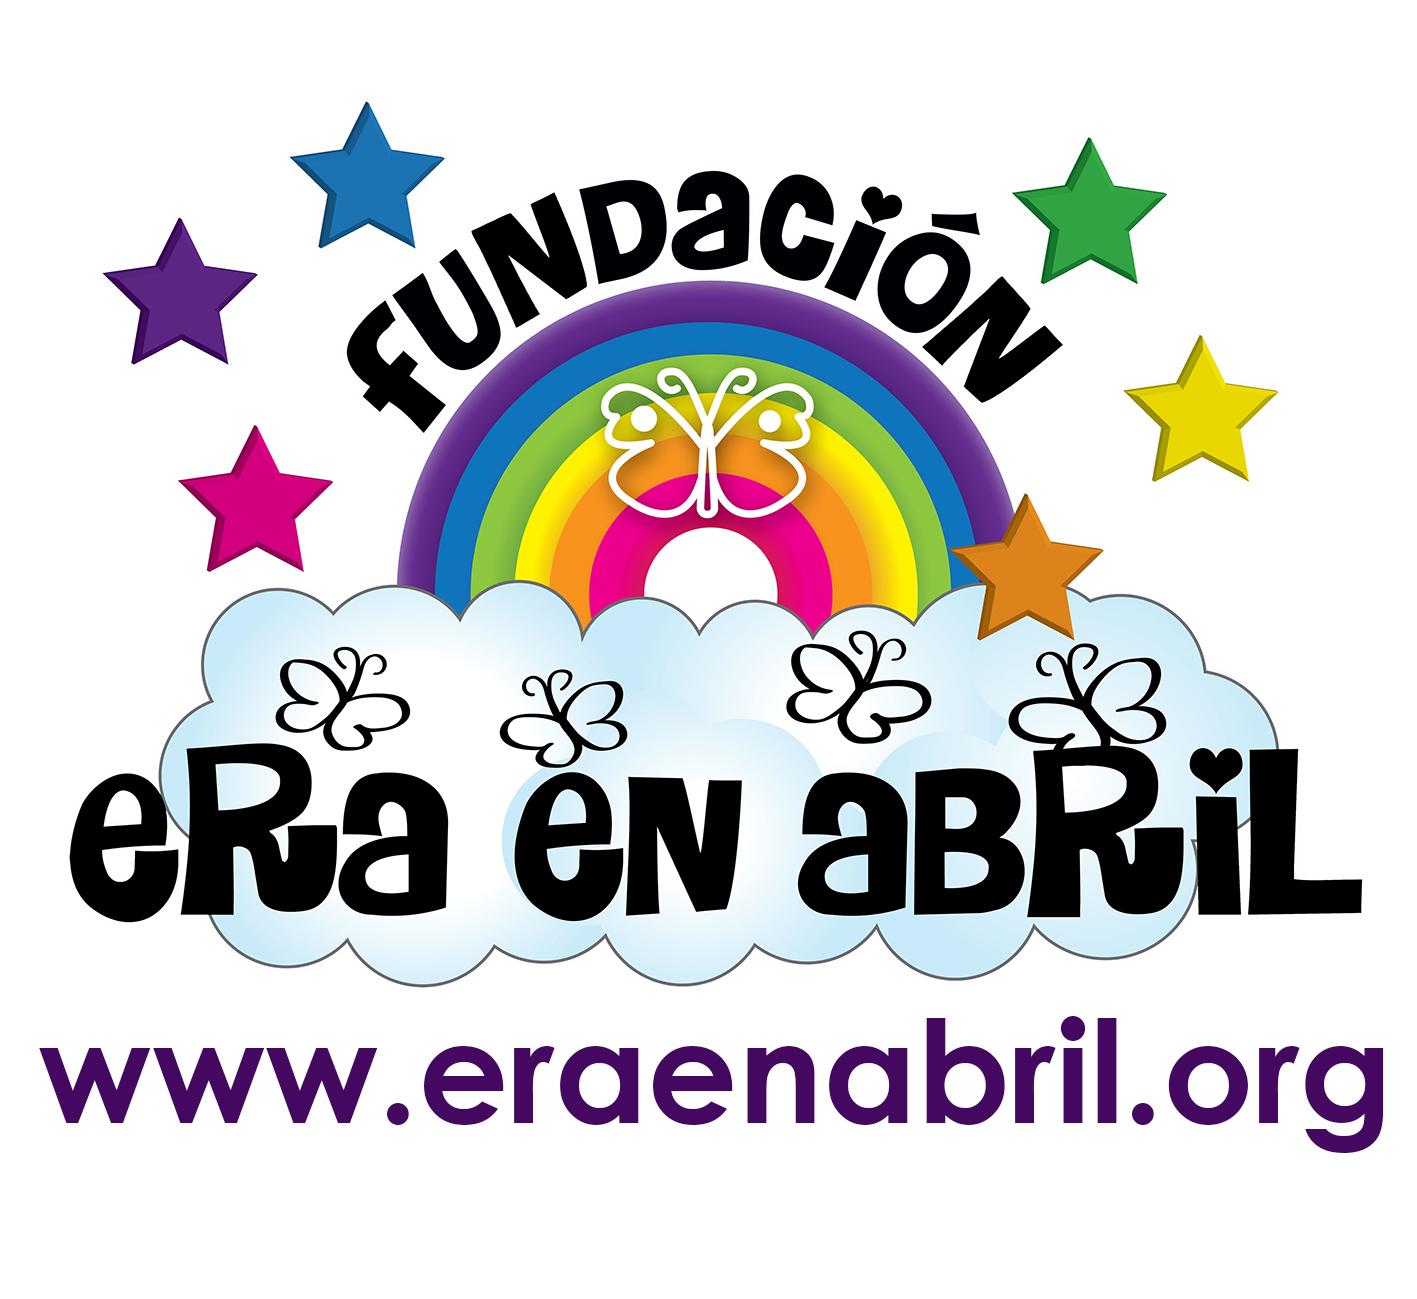 Logo of Fundación Era en Abril